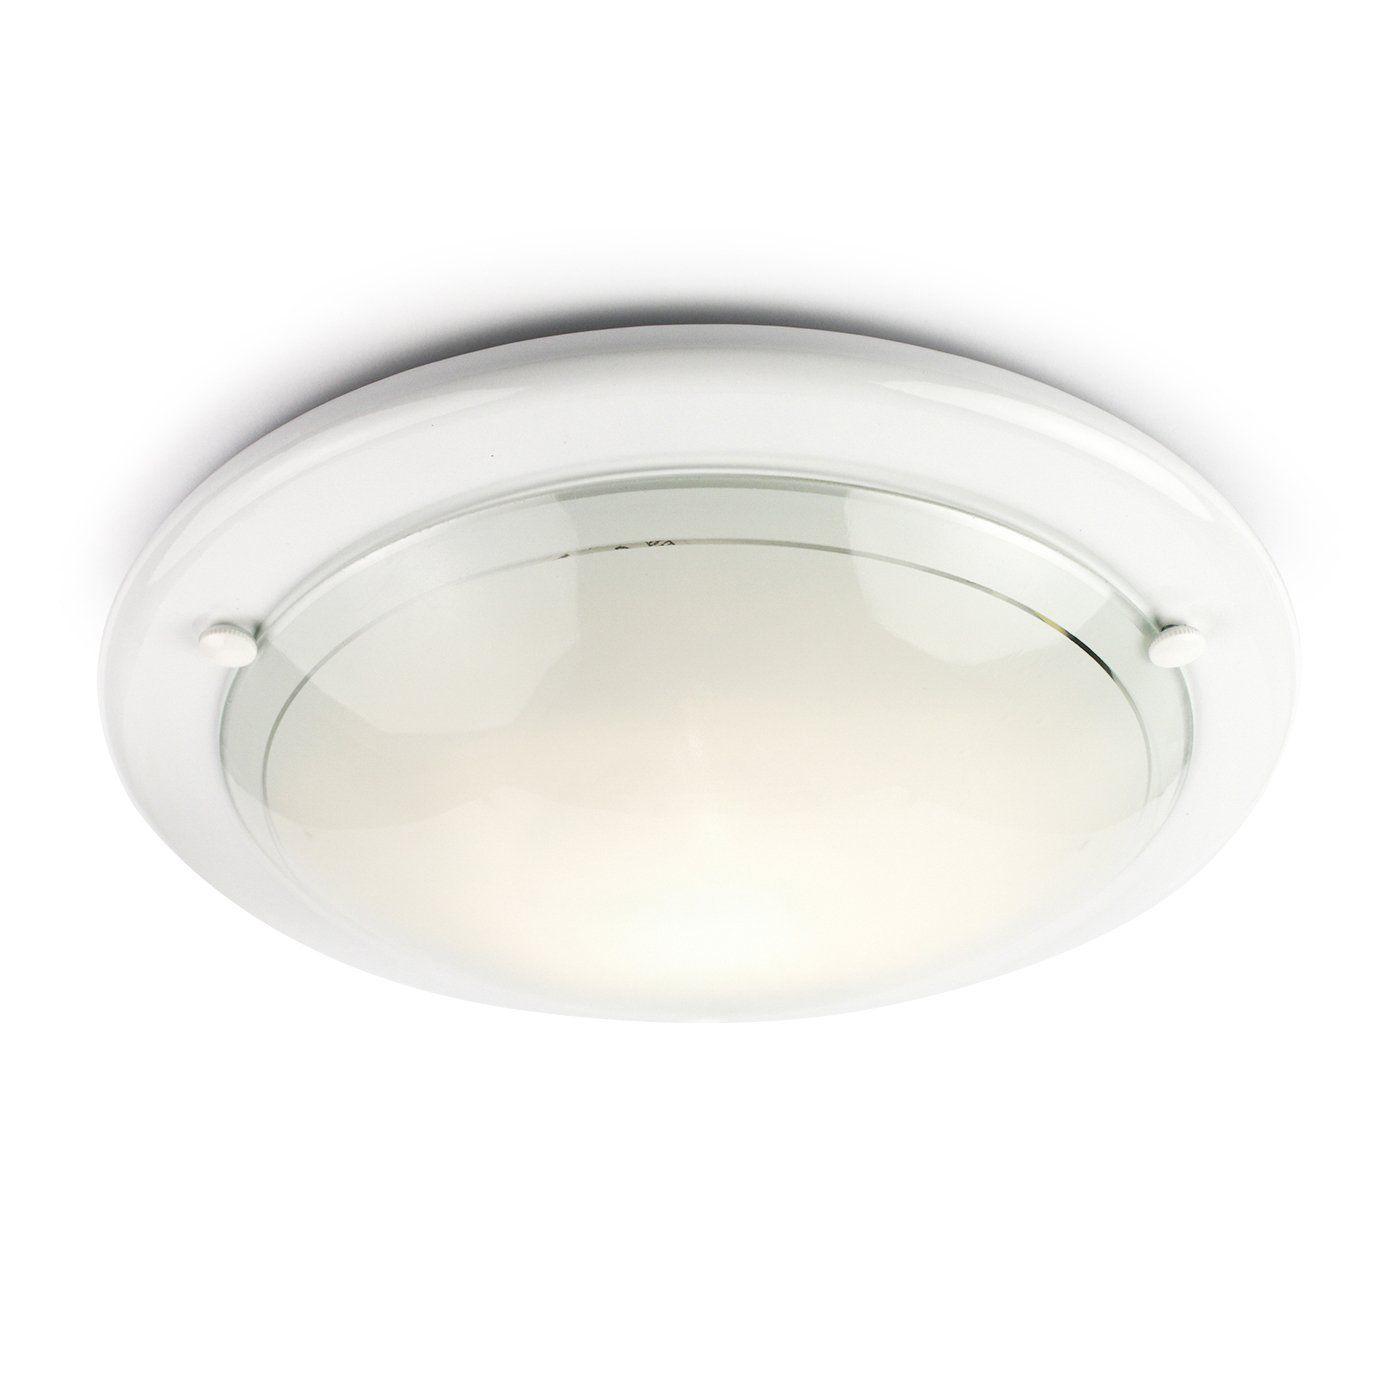 Wandlamp Bale